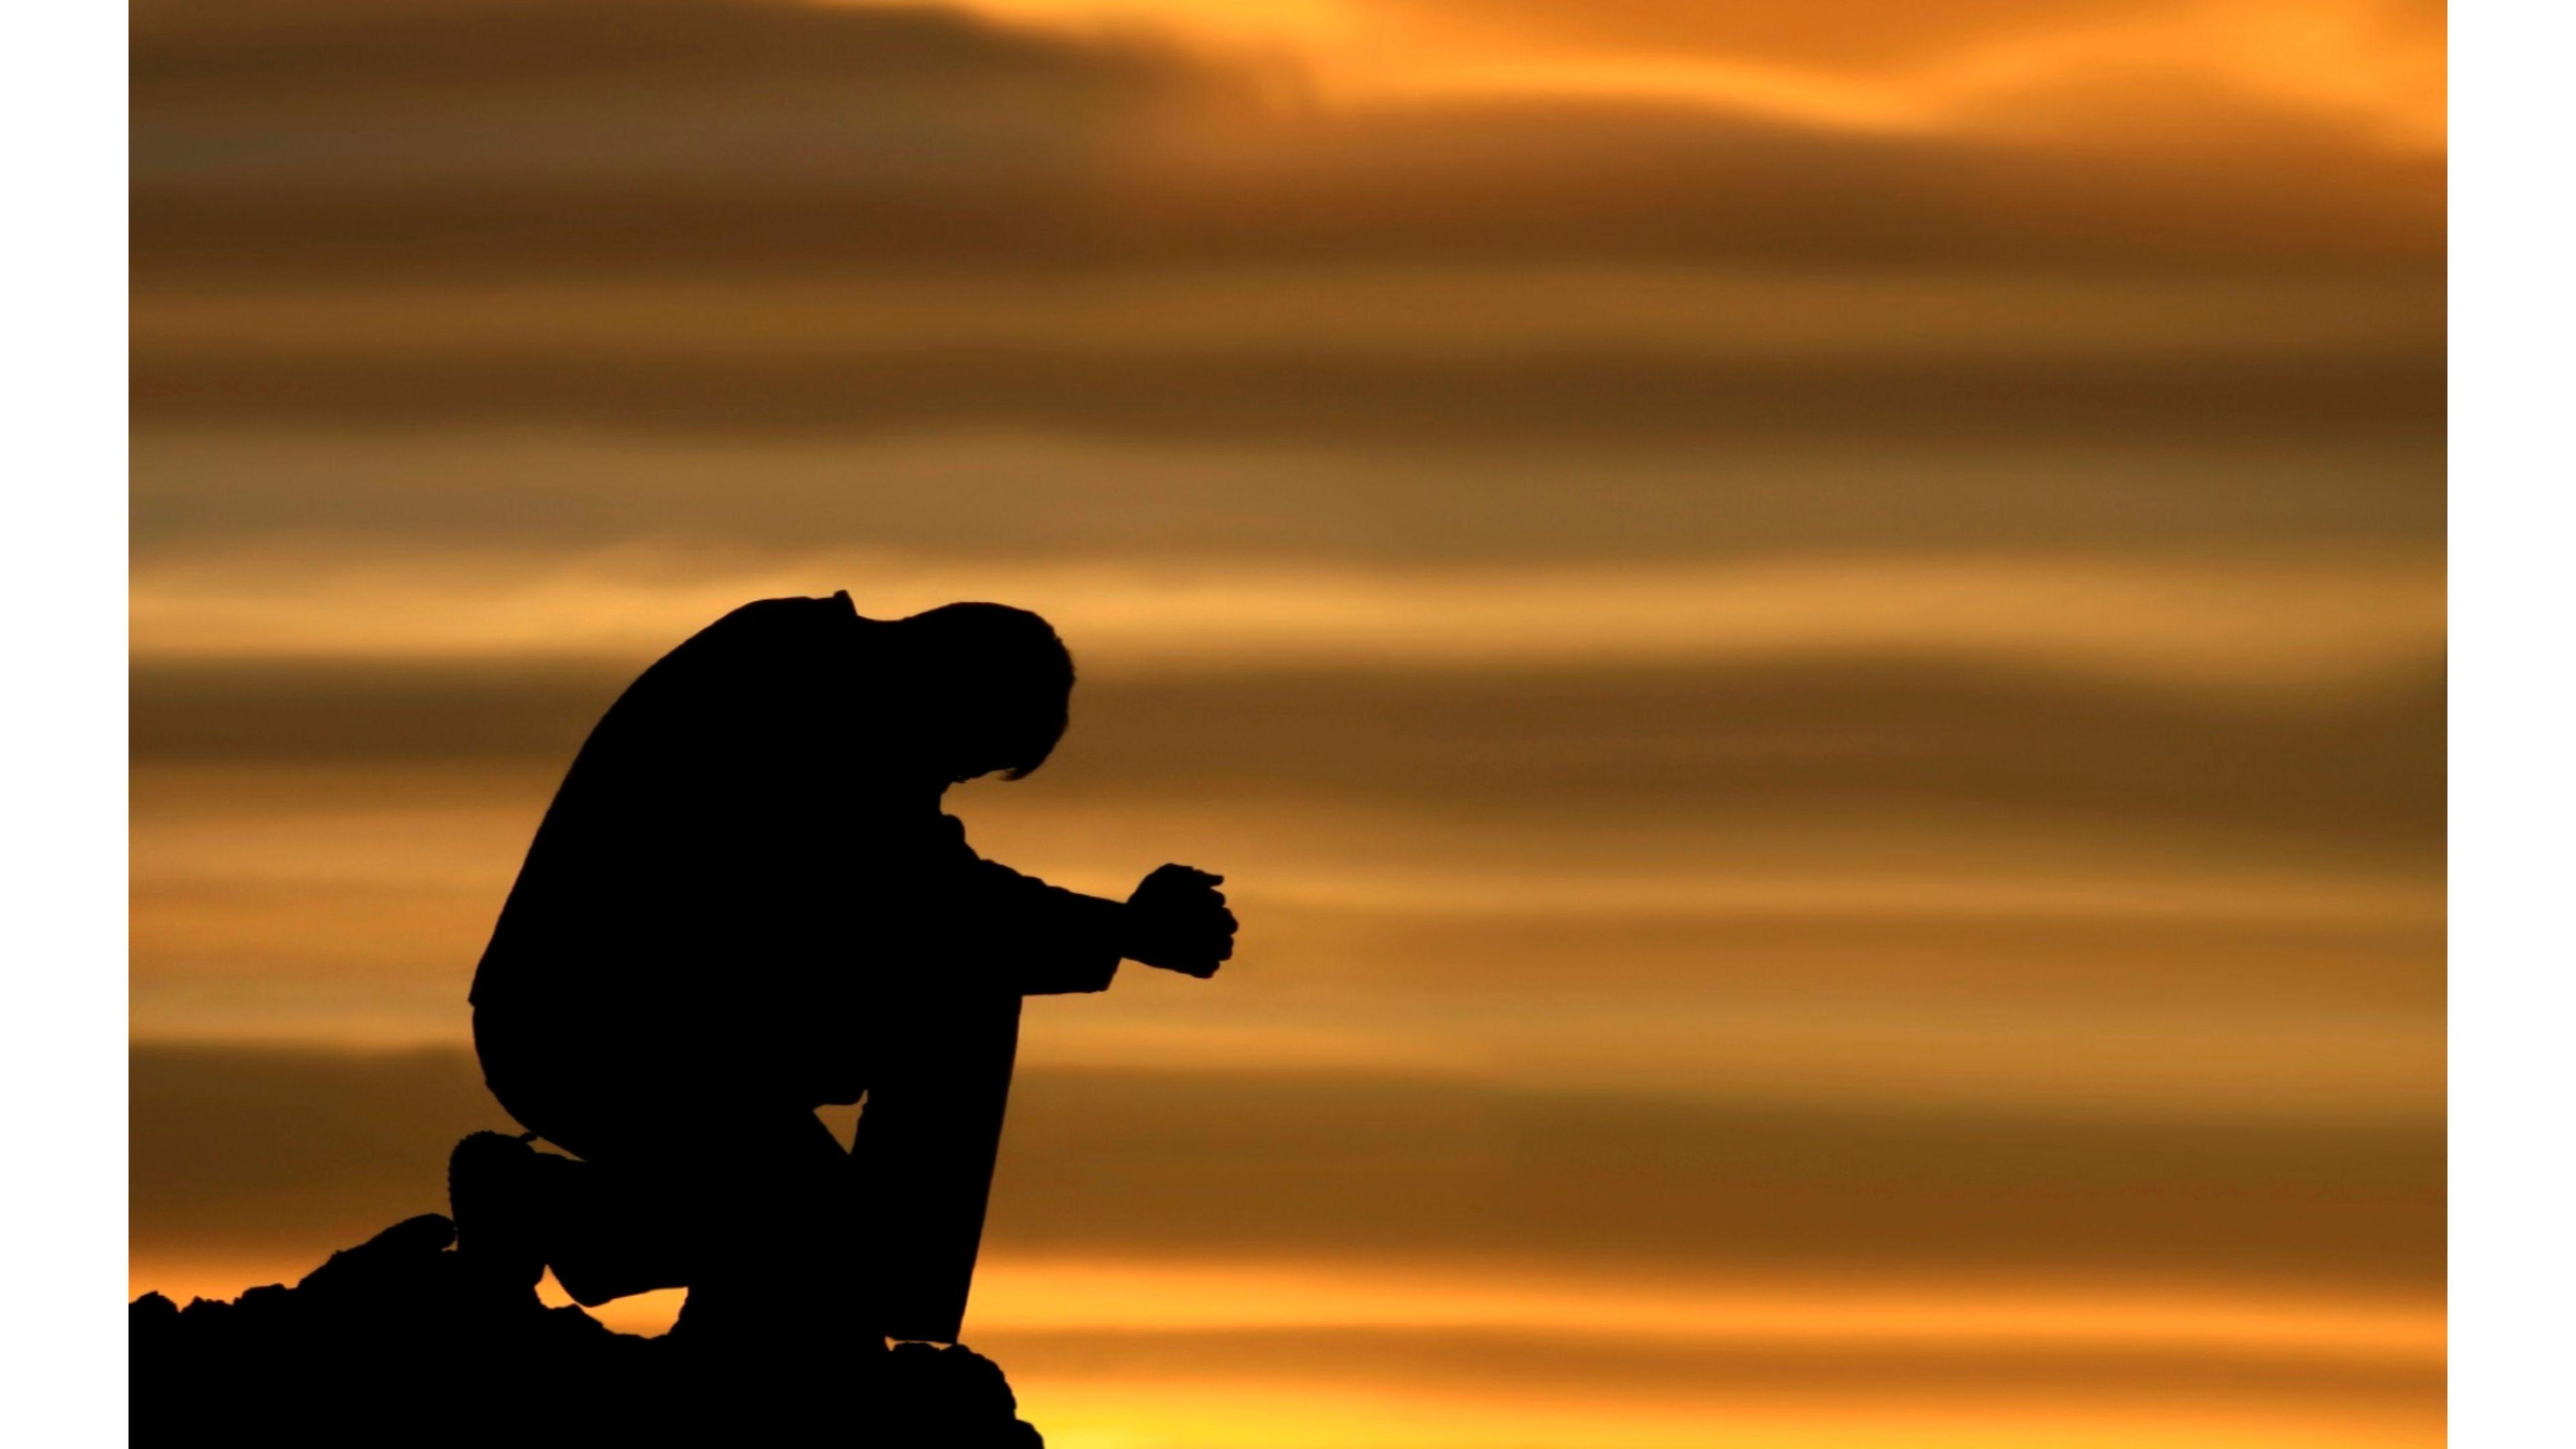 Best Sunset Prayer 4K Wallpapers | Free 4K Wallpaper